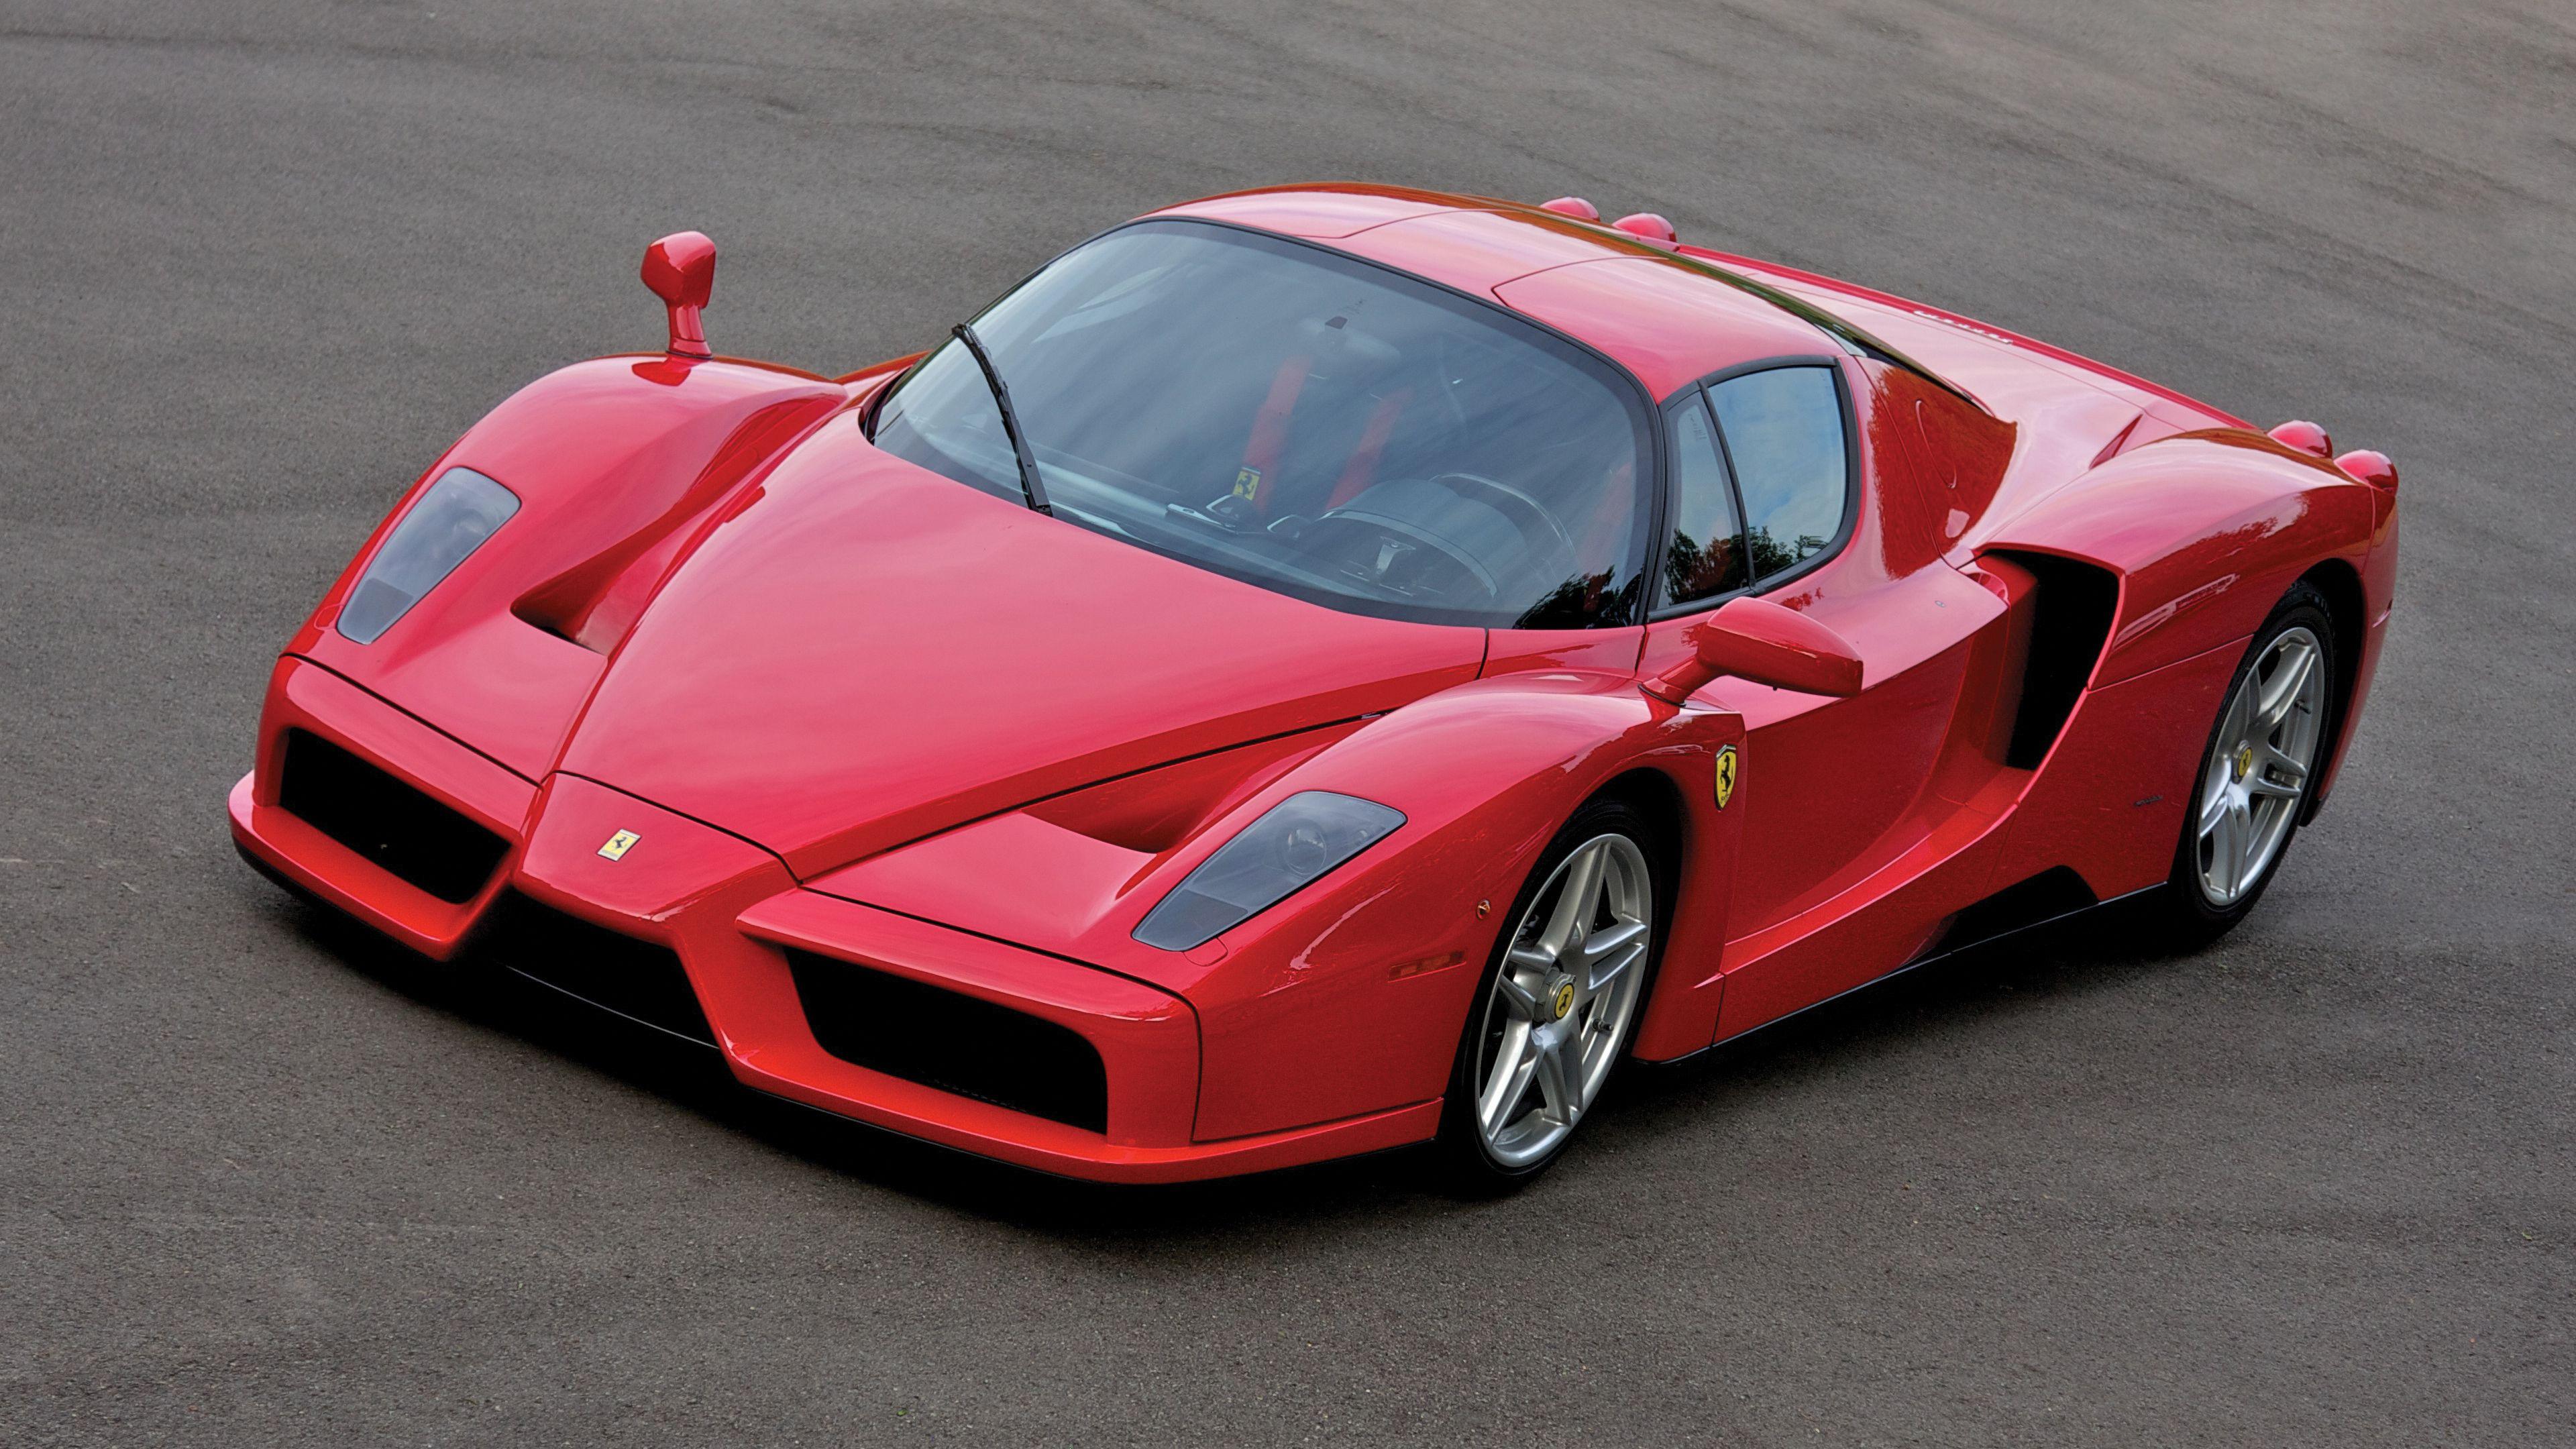 Ferrari Enzo 2004   Ferrari   Pinterest   Ferrari, Car photos and Cars